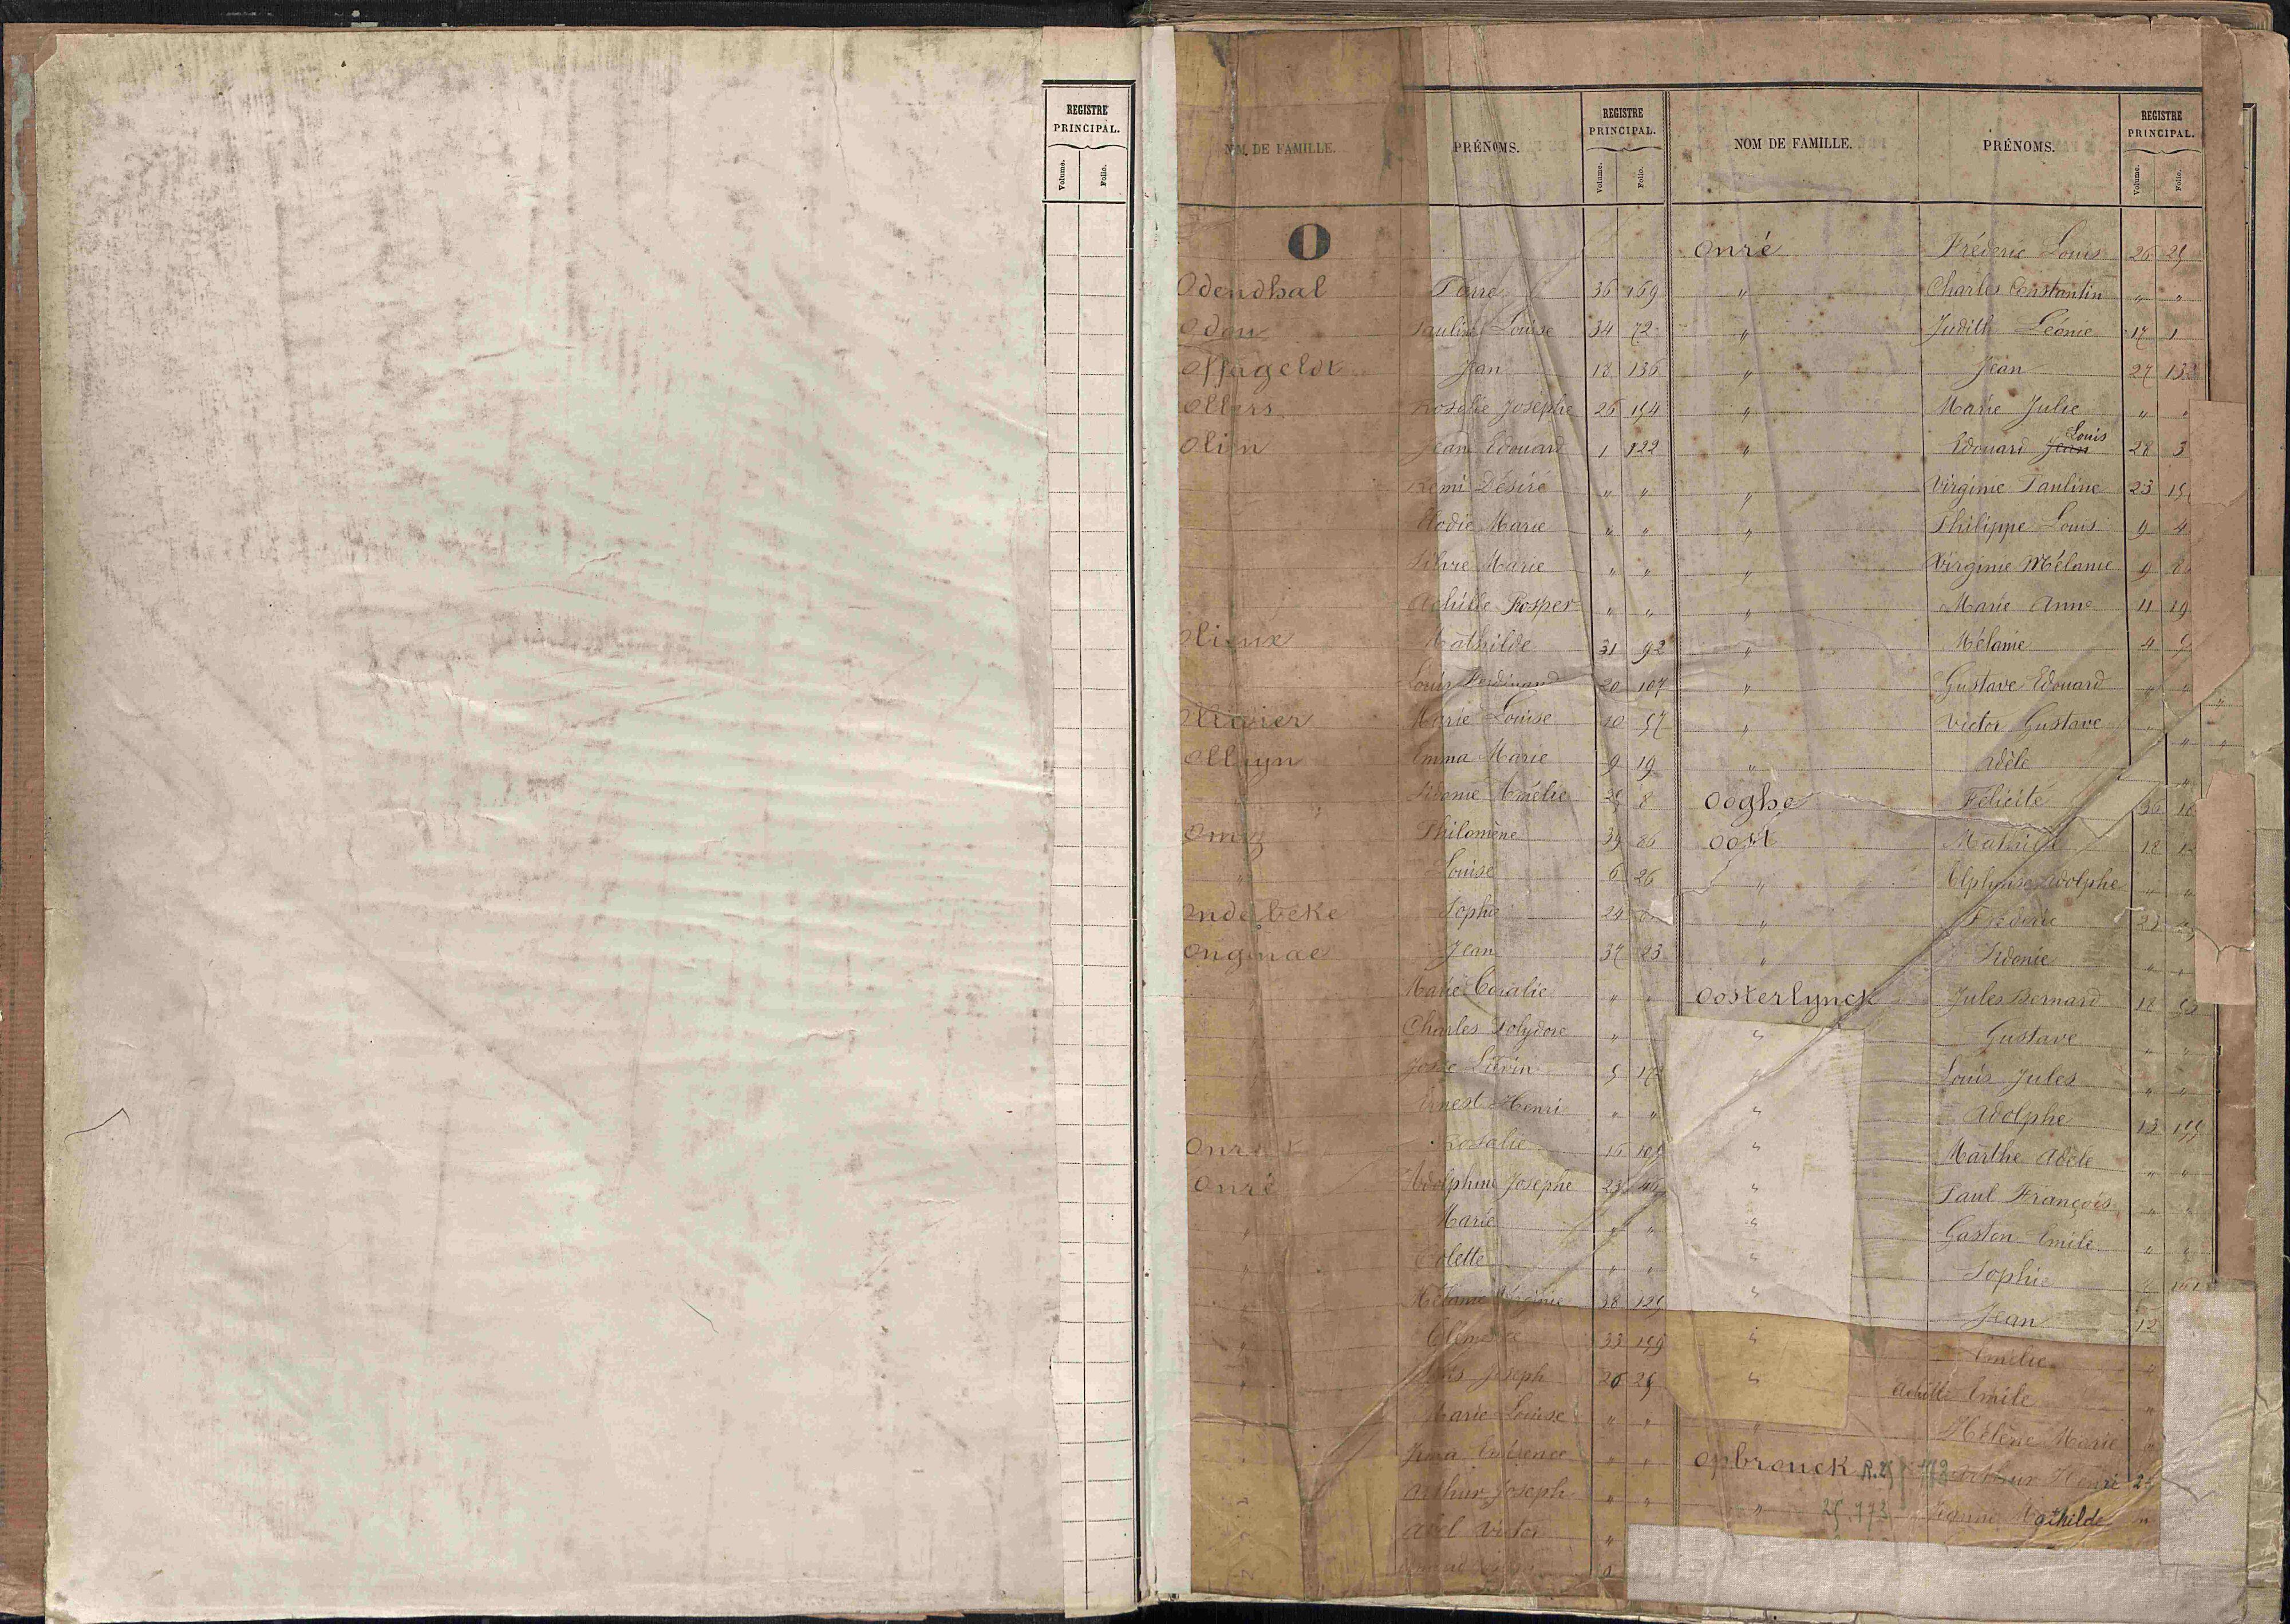 Bevolkingsregister Kortrijk 1880 index O-Z